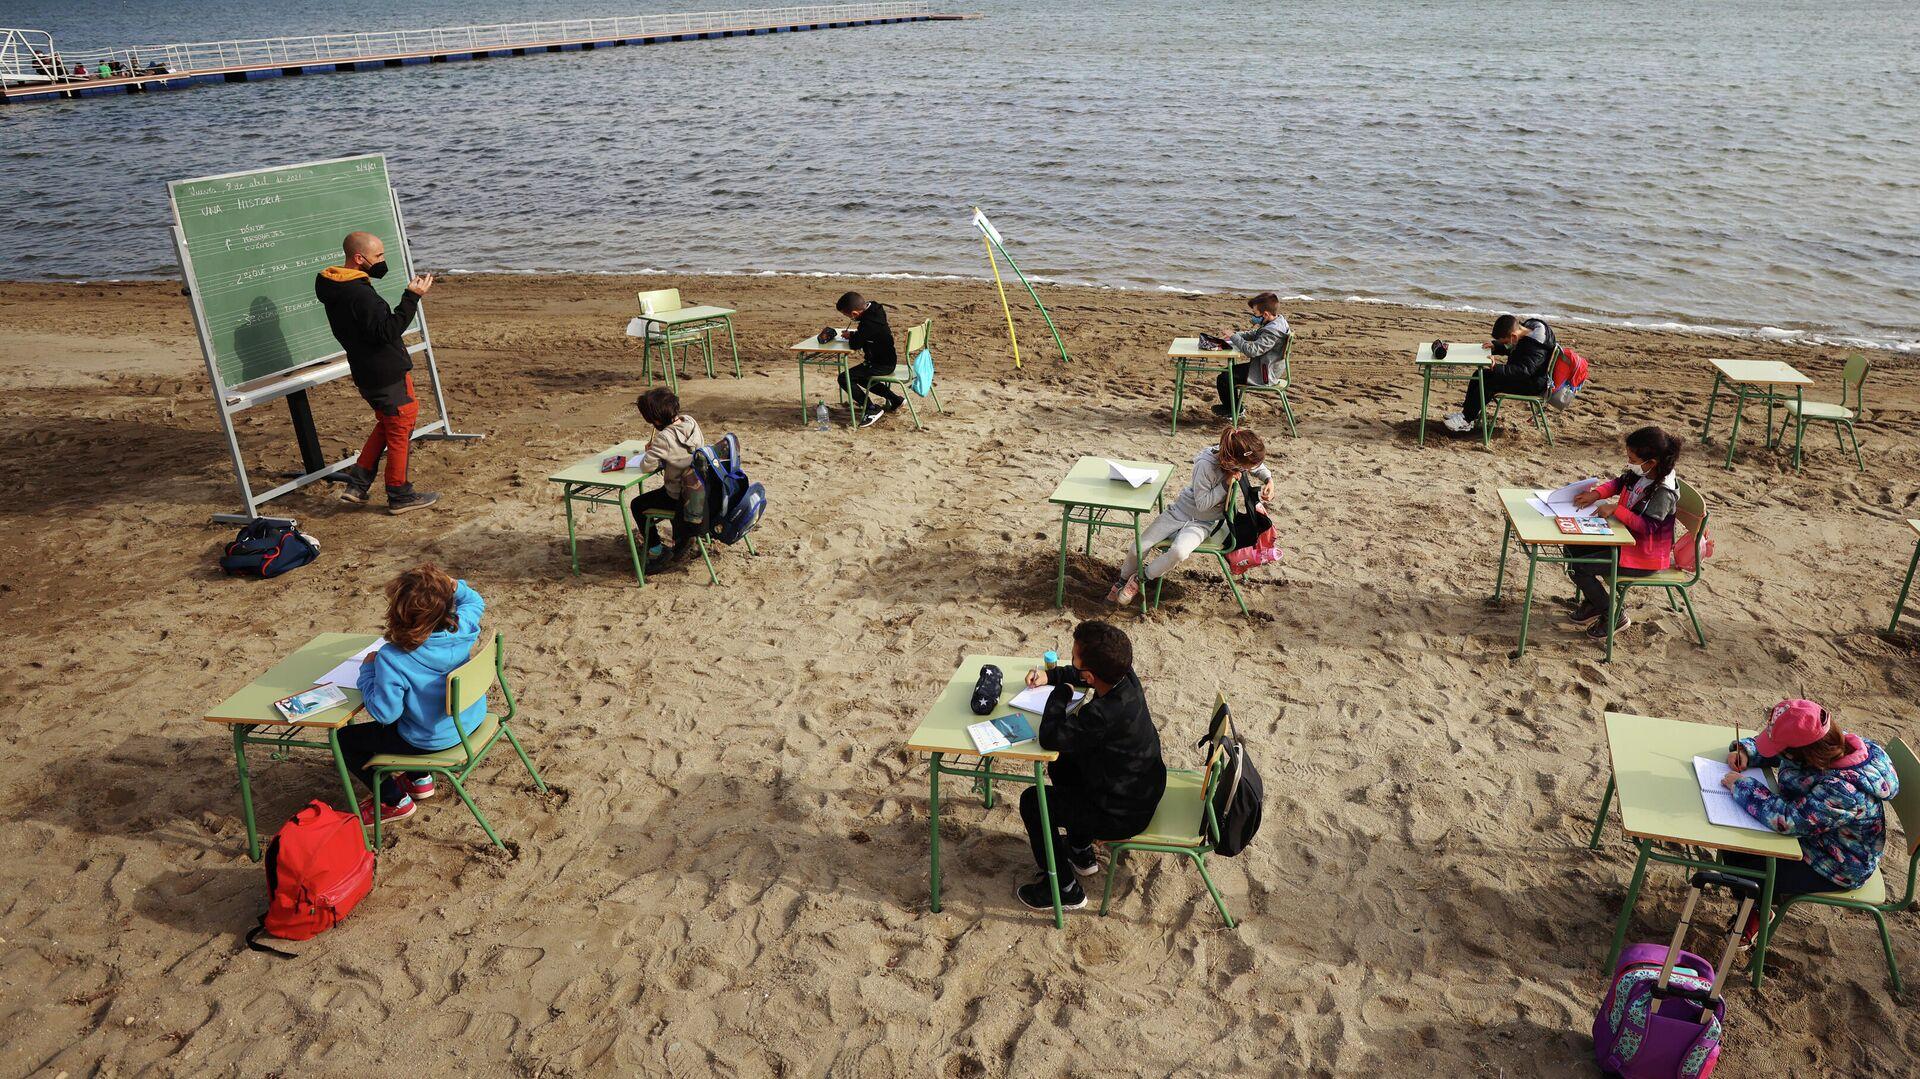 Un profesor imparte una clase a alumnos en la Playa de los Nietos, Murcia. - Sputnik Mundo, 1920, 19.04.2021